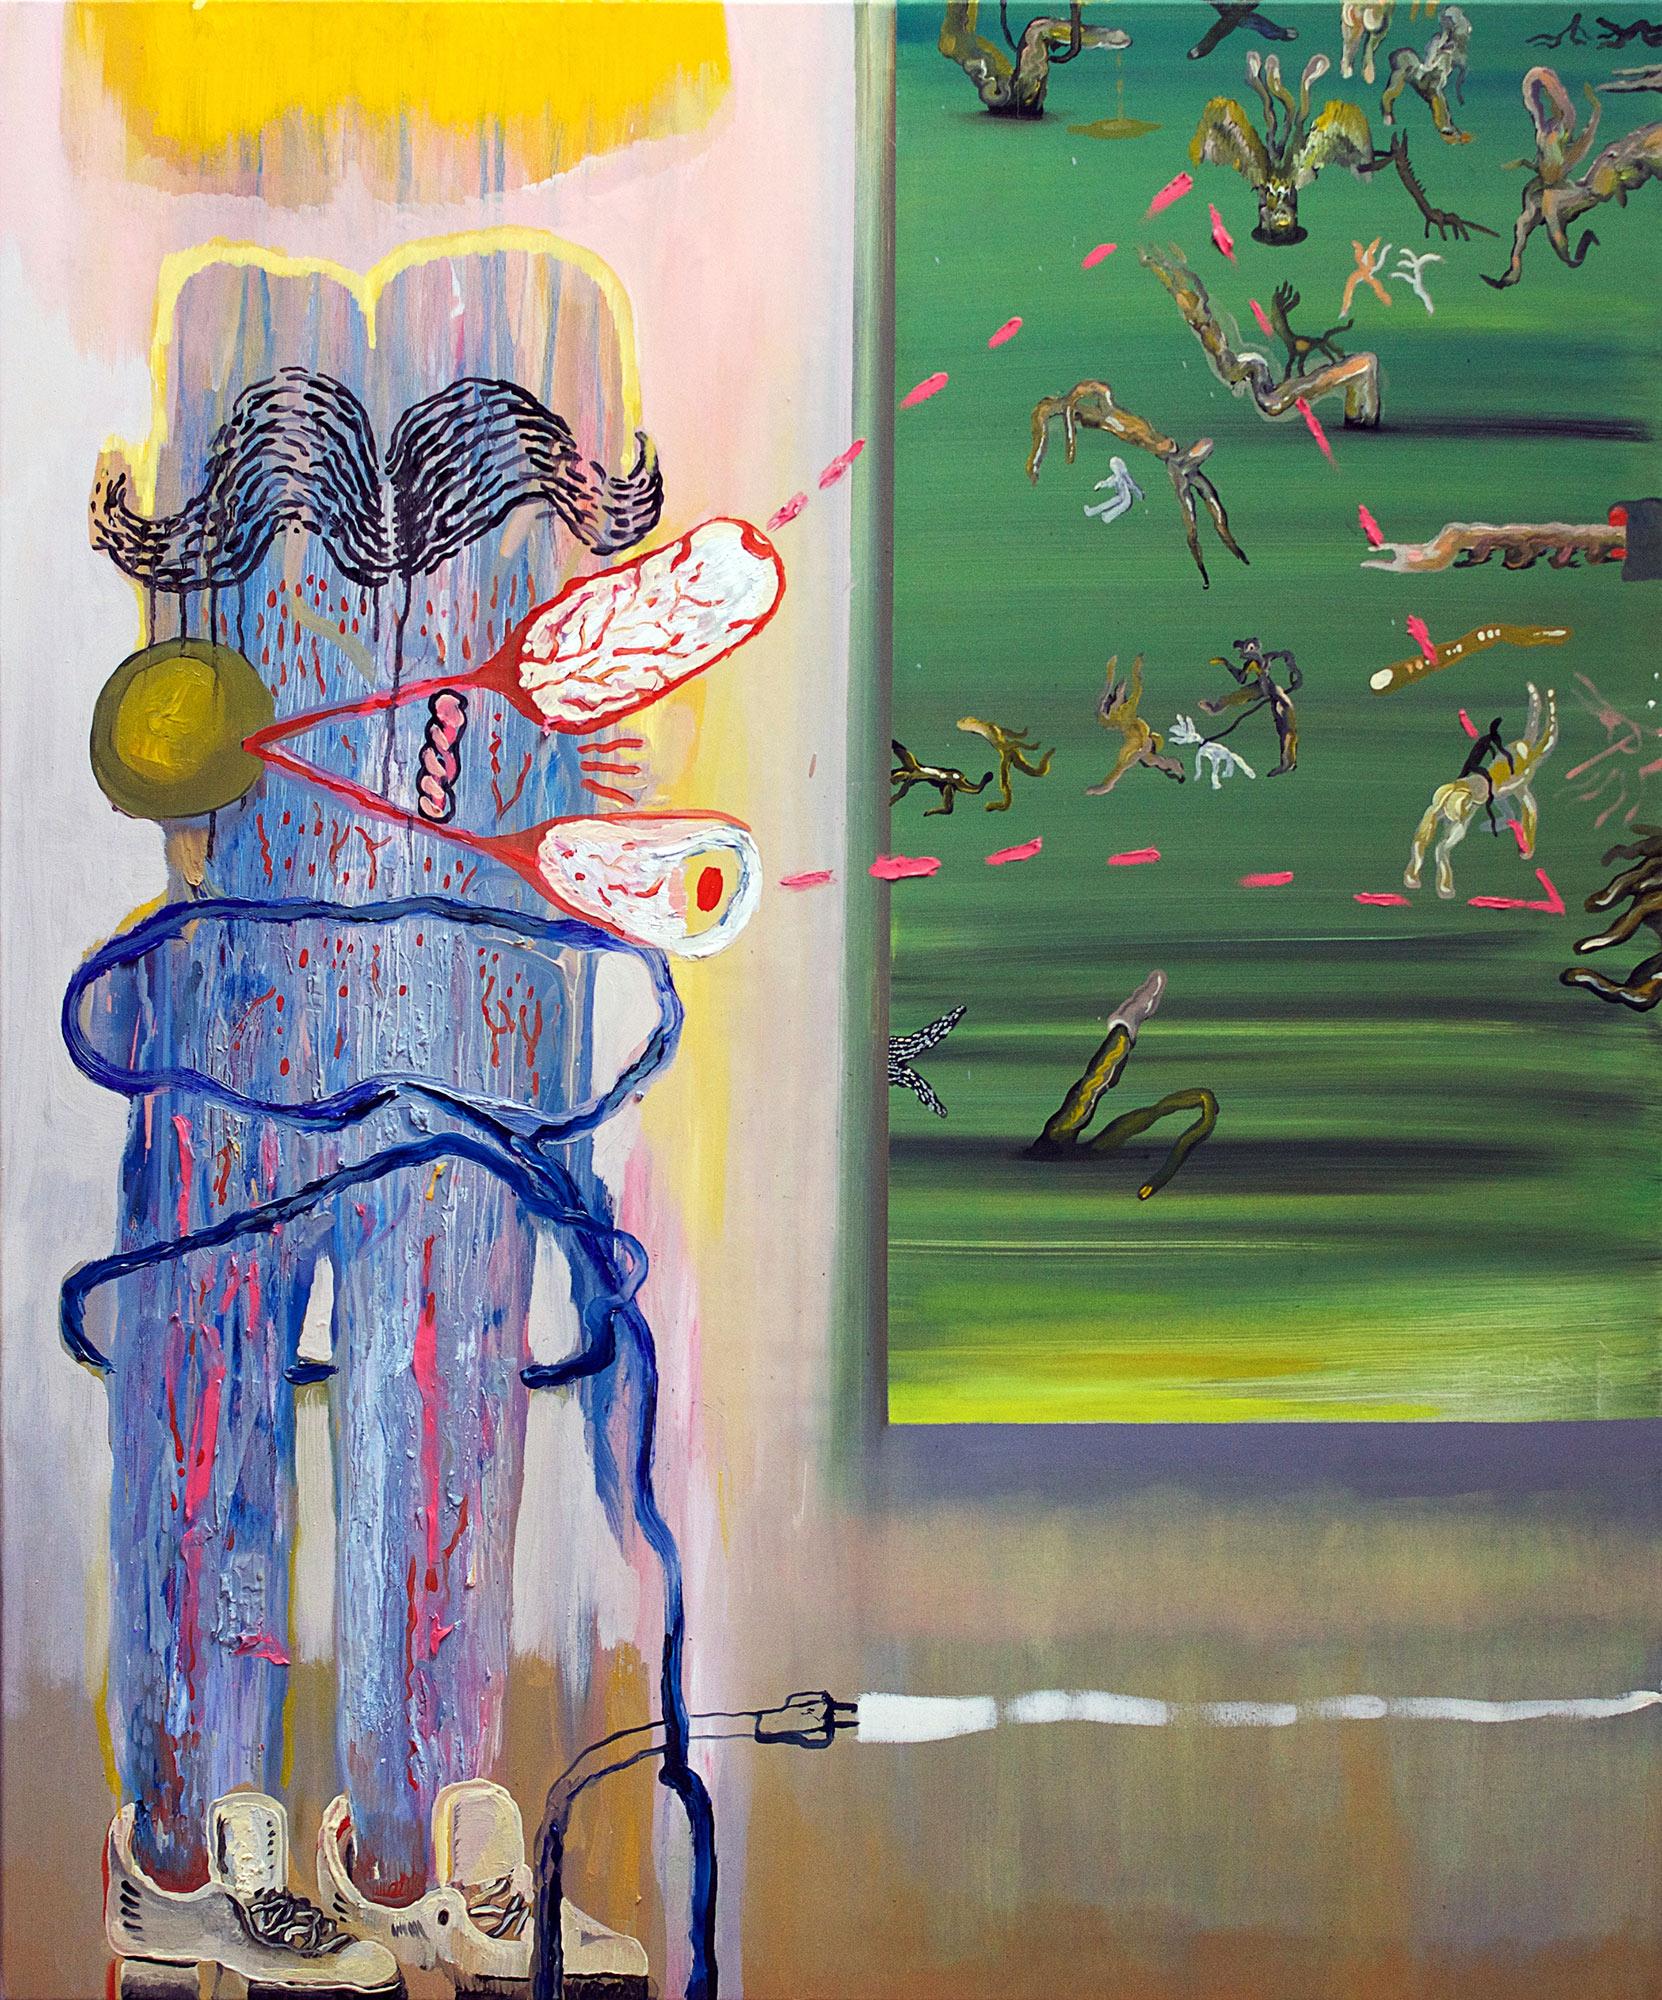 malerier, farverige, ekspressionistiske, surrealistiske, natur, mennesker, blå, grønne, violette, gule,  bomuldslærred, olie, abstrakte-former, samtidskunst, dansk, dekorative, design, ekspressionisme, ansigter, interiør, bolig-indretning, moderne, moderne-kunst, nordisk, skandinavisk, levende, Køb original kunst og kunstplakater. Malerier, tegninger, limited edition kunsttryk & plakater af dygtige kunstnere.